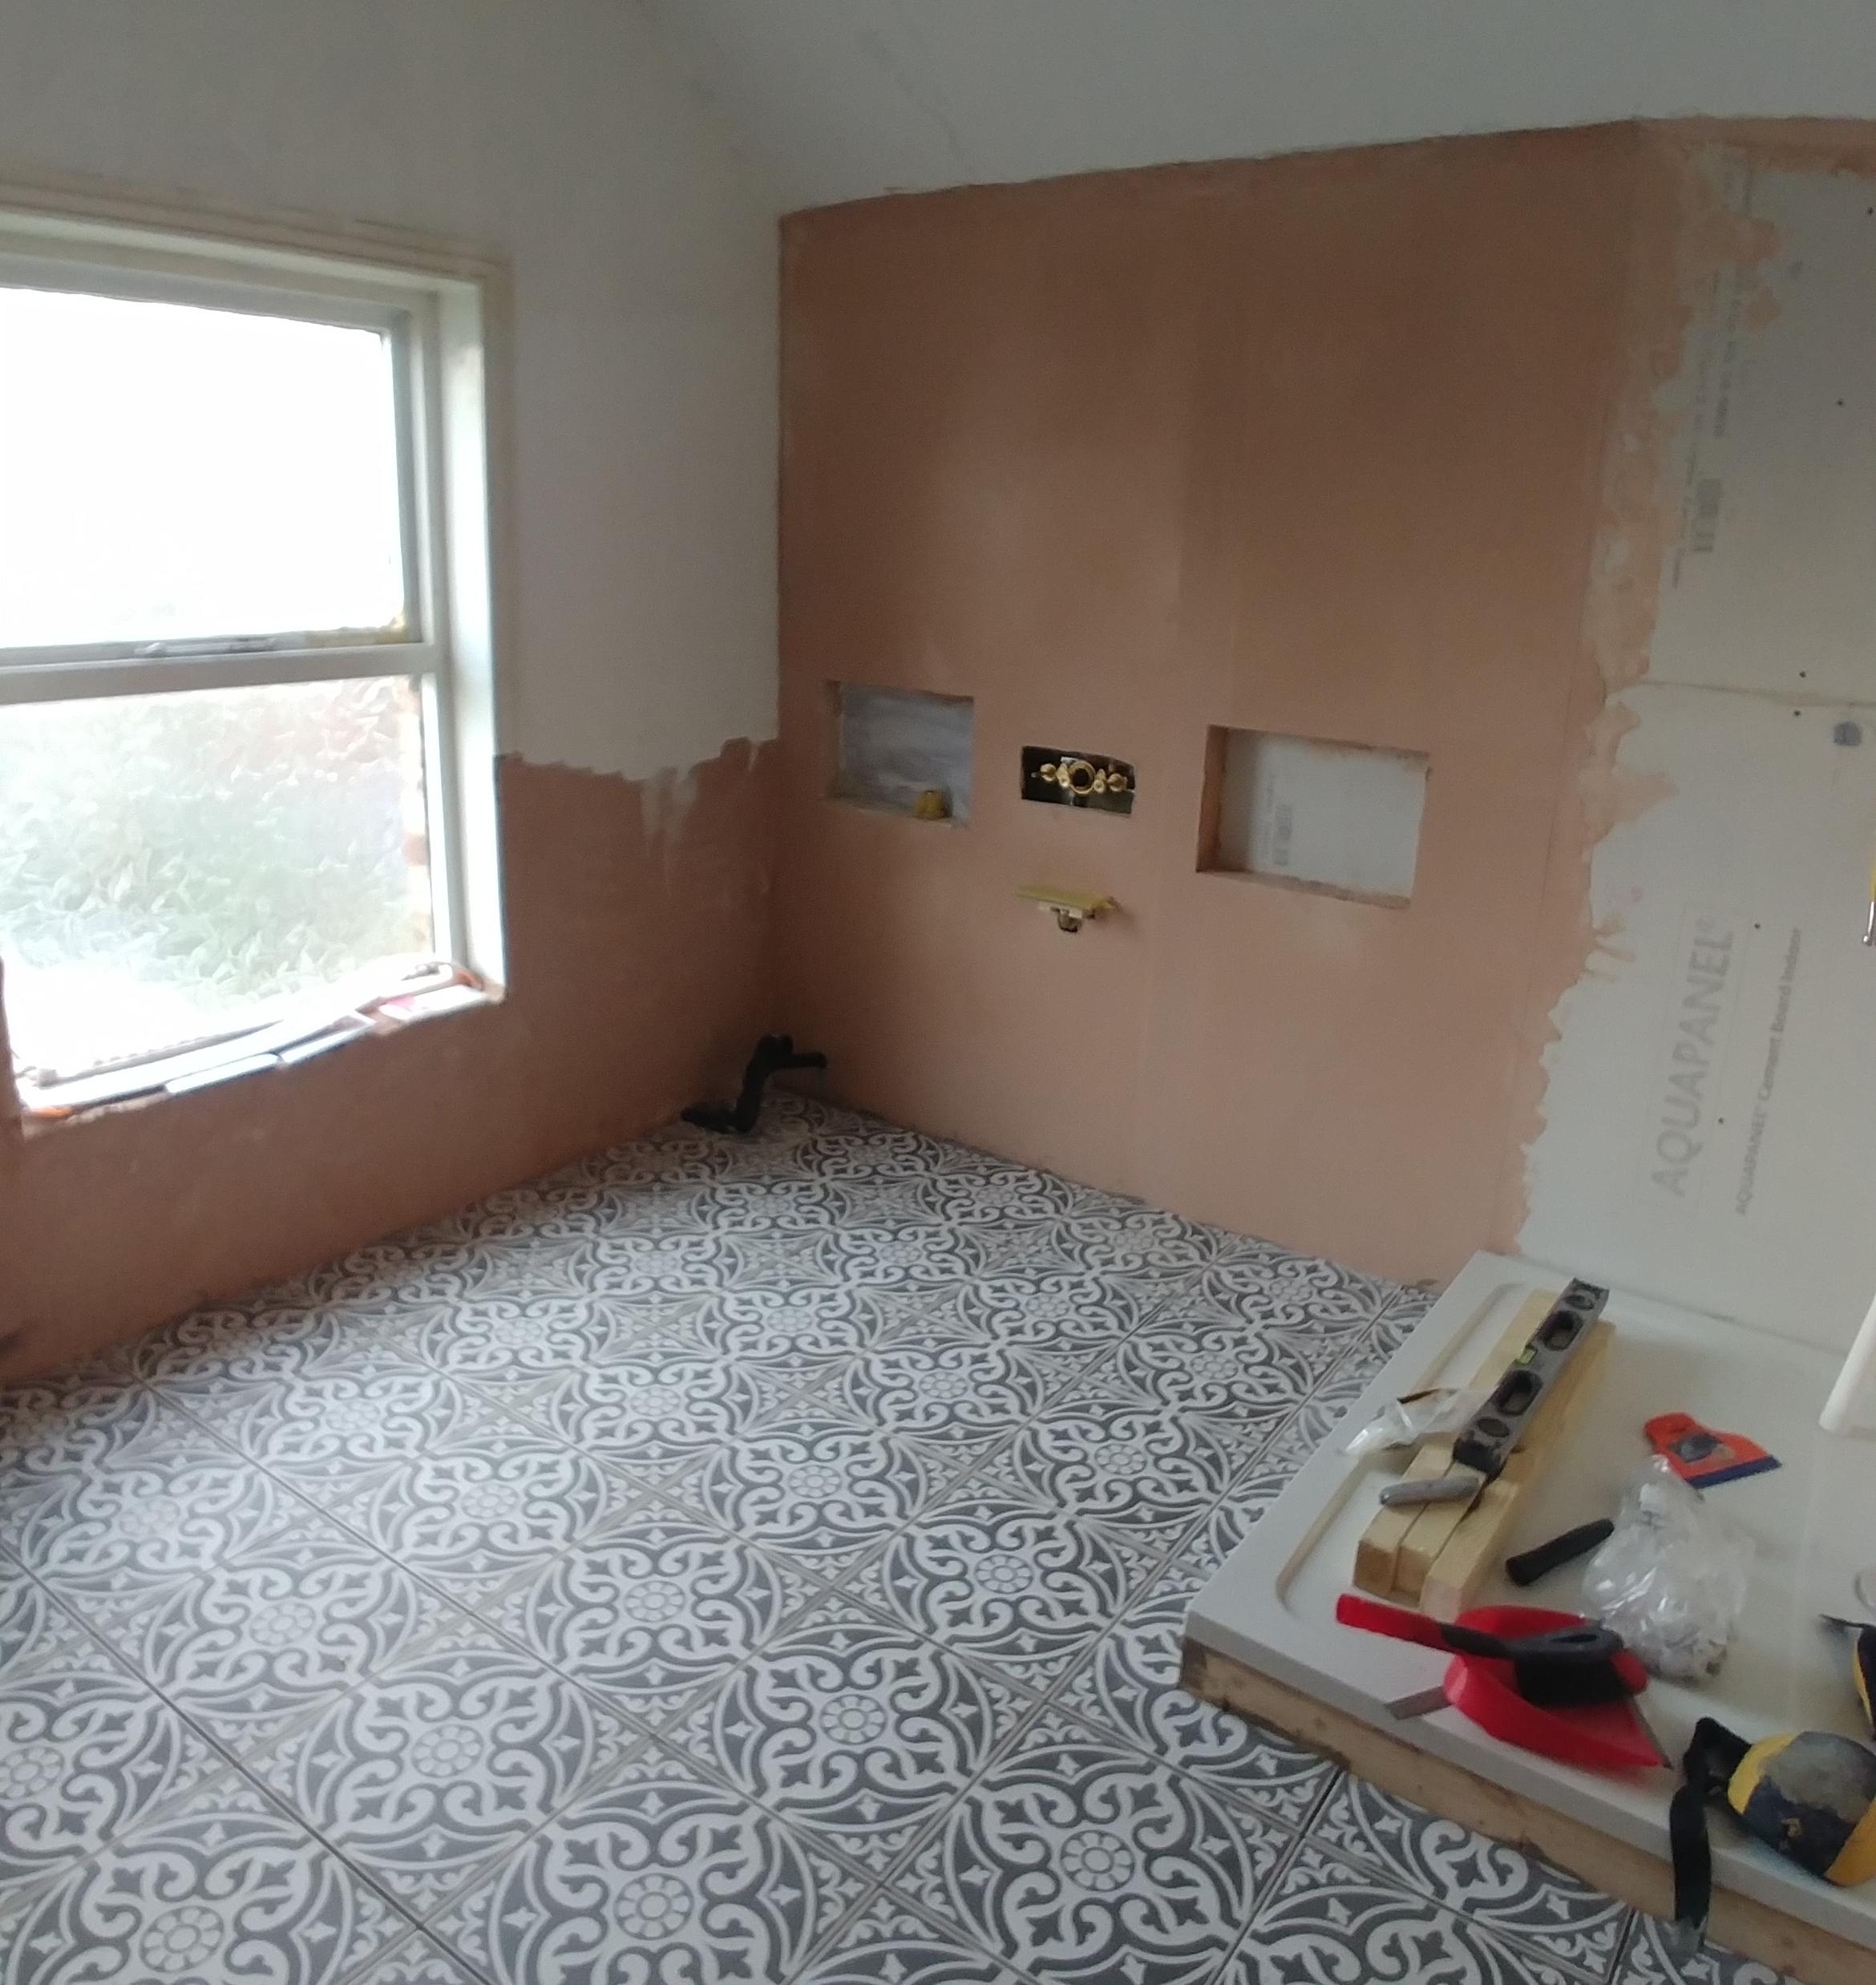 Floor tiles!